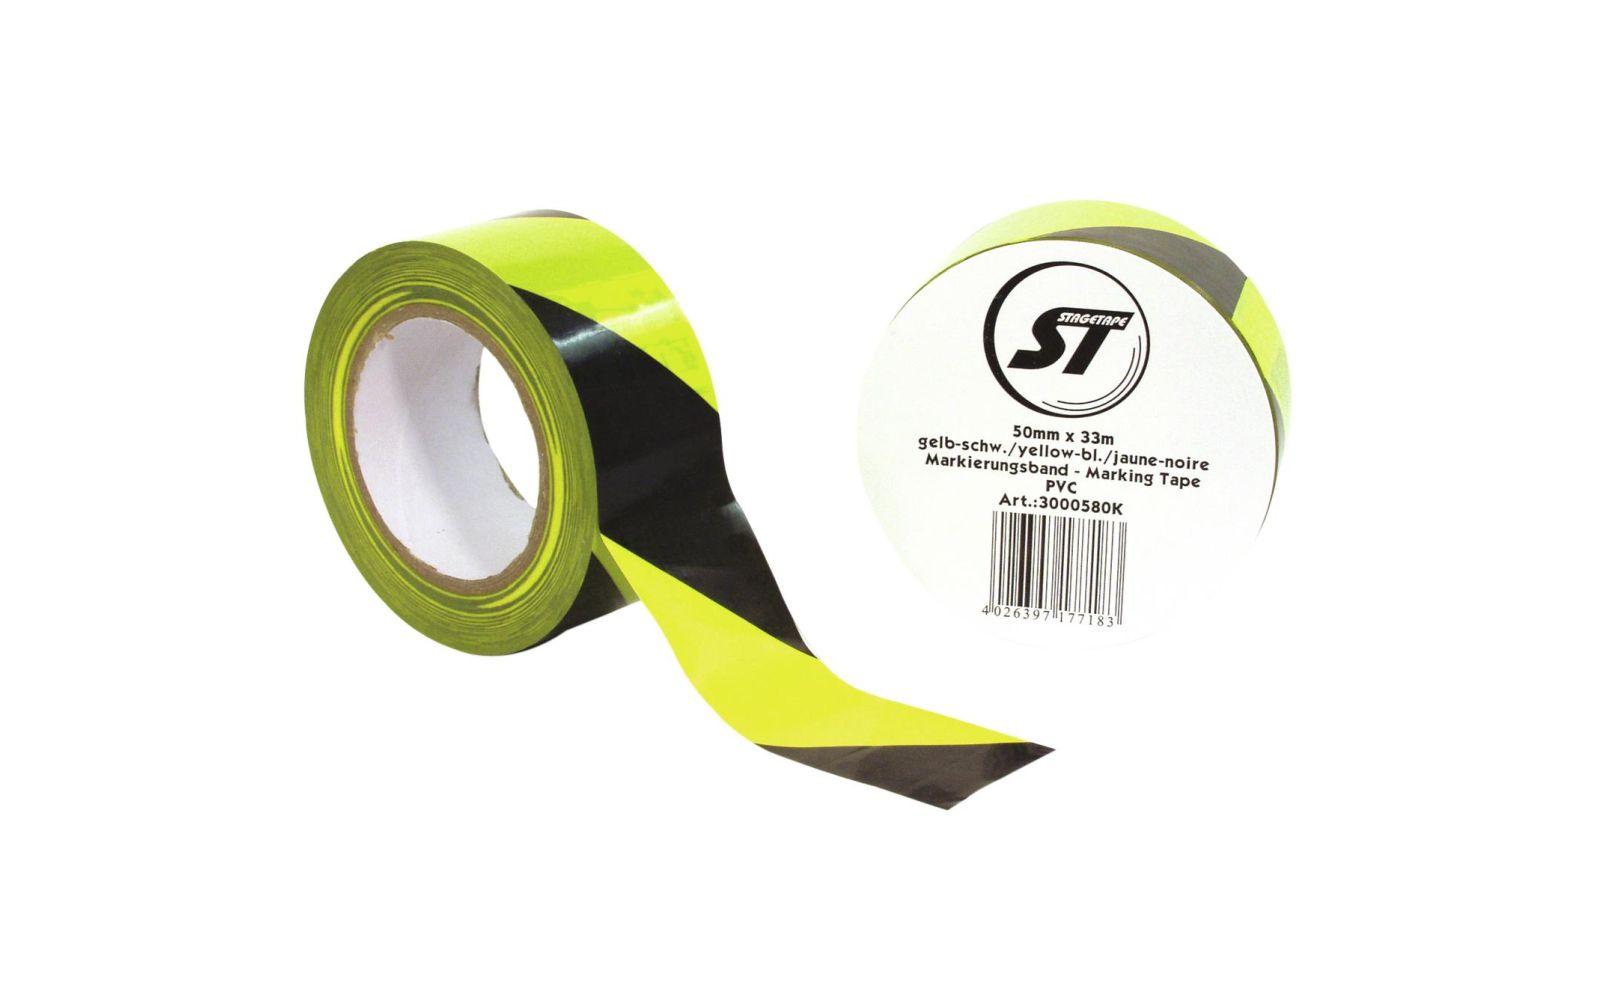 markierungsband-pvc-gelb-schwarz